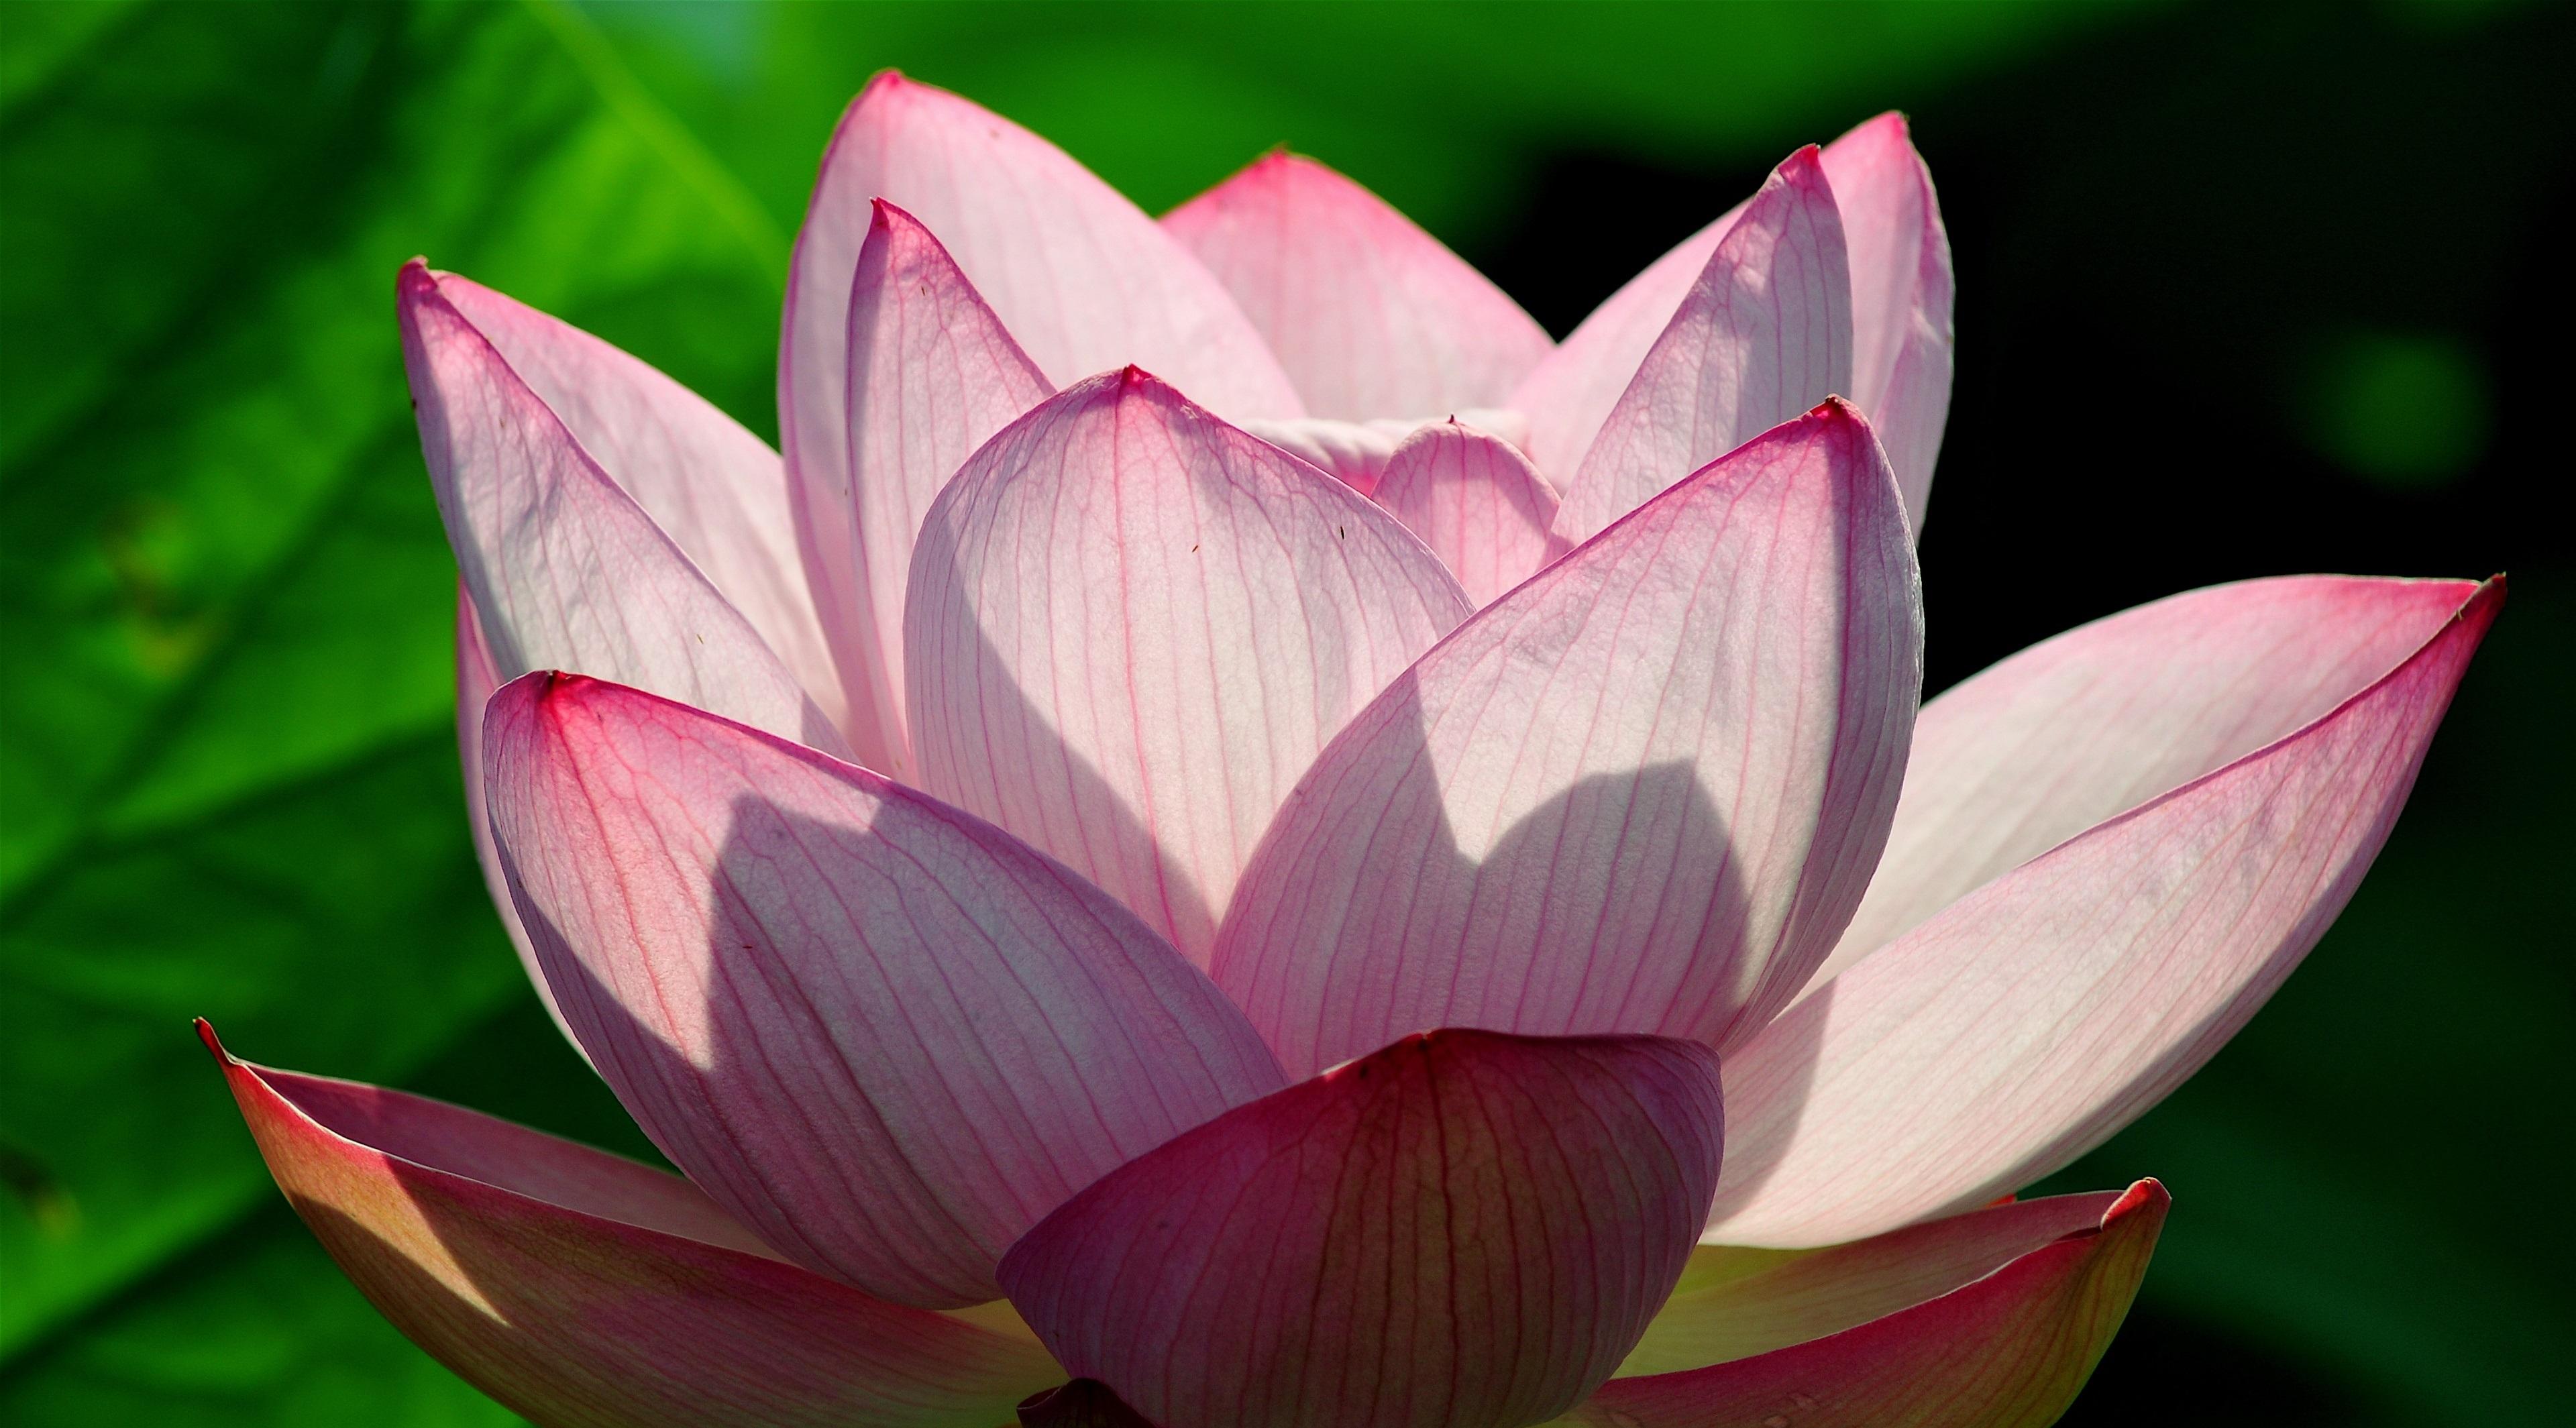 лиза, поздравляю фото экзотических цветов высокого разрешения касается уличных